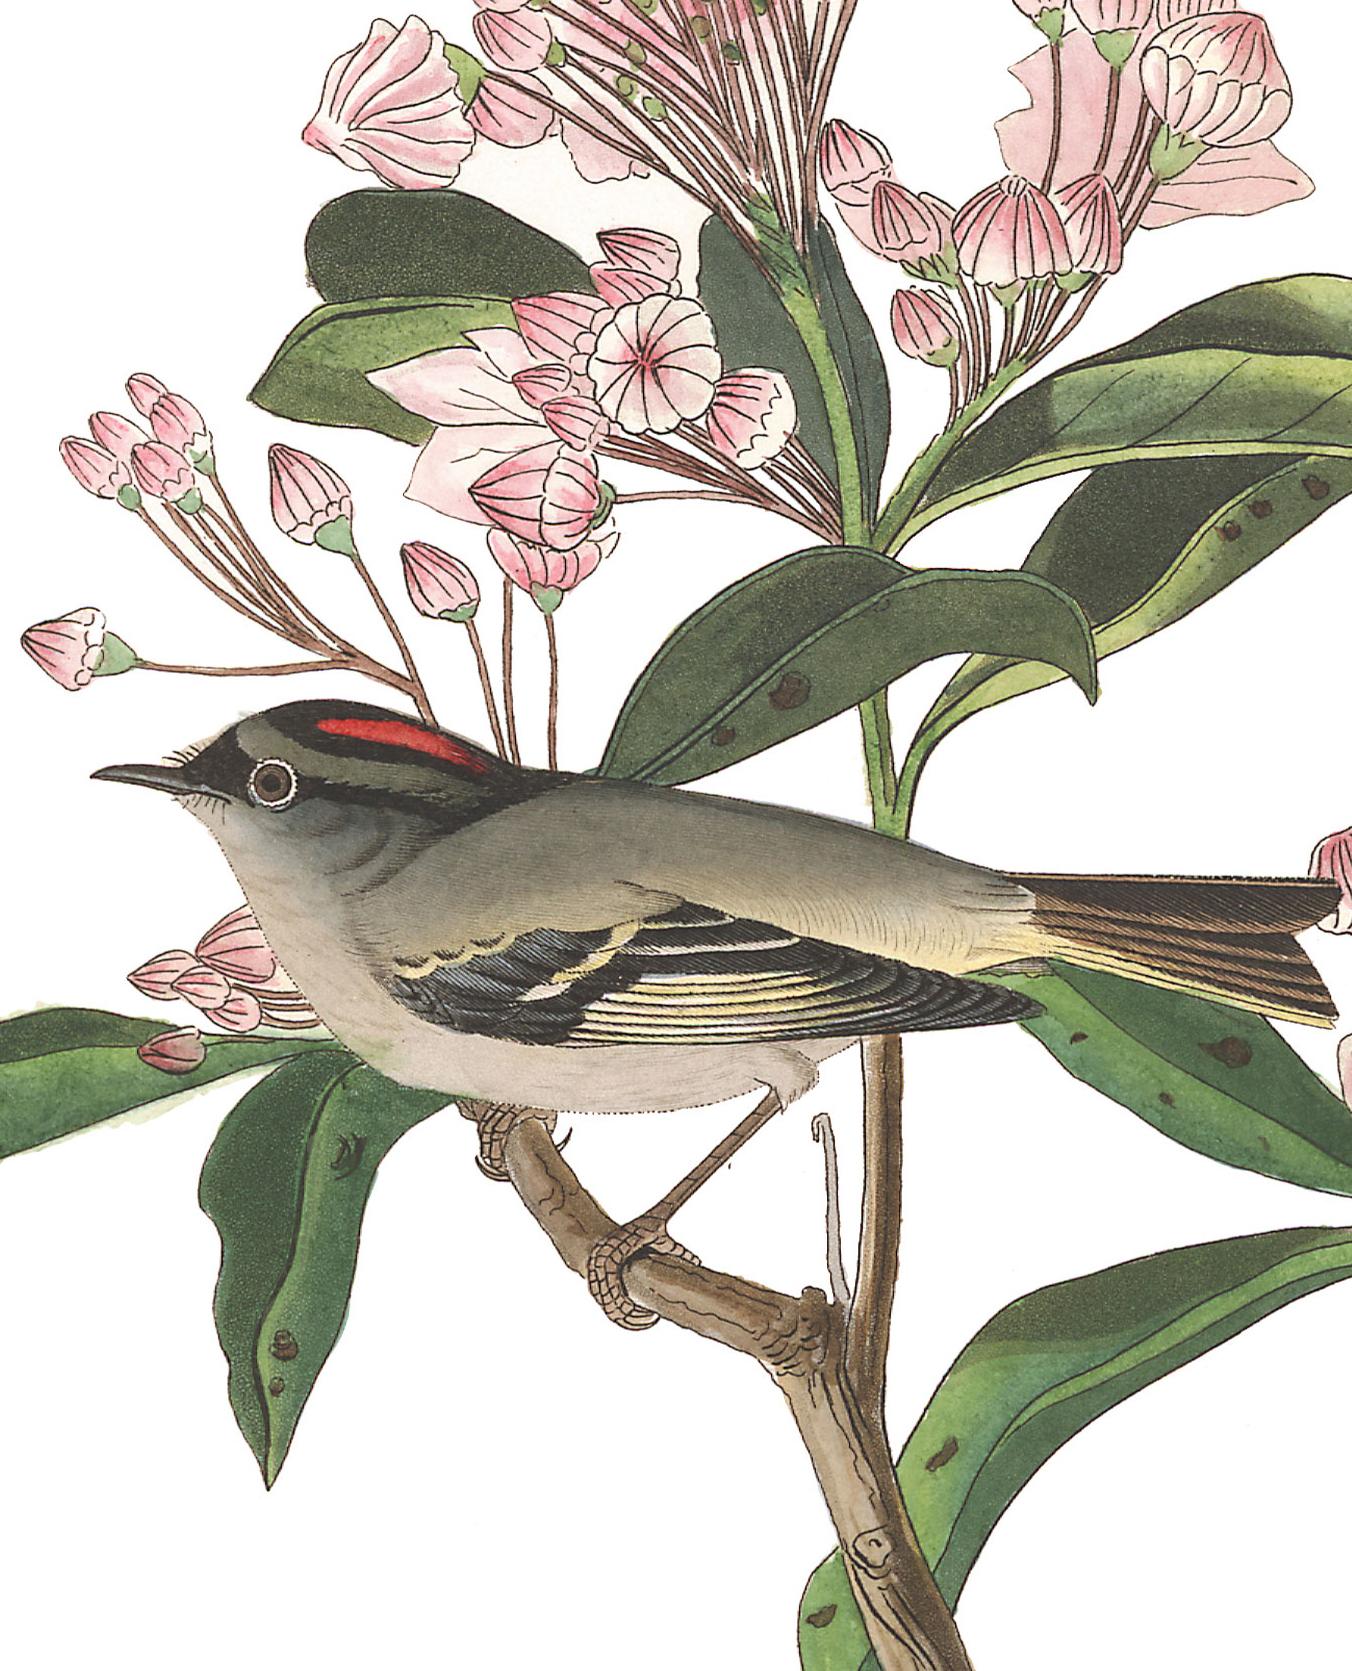 Cuvier's Kinglet. Illustration: John James Audubon